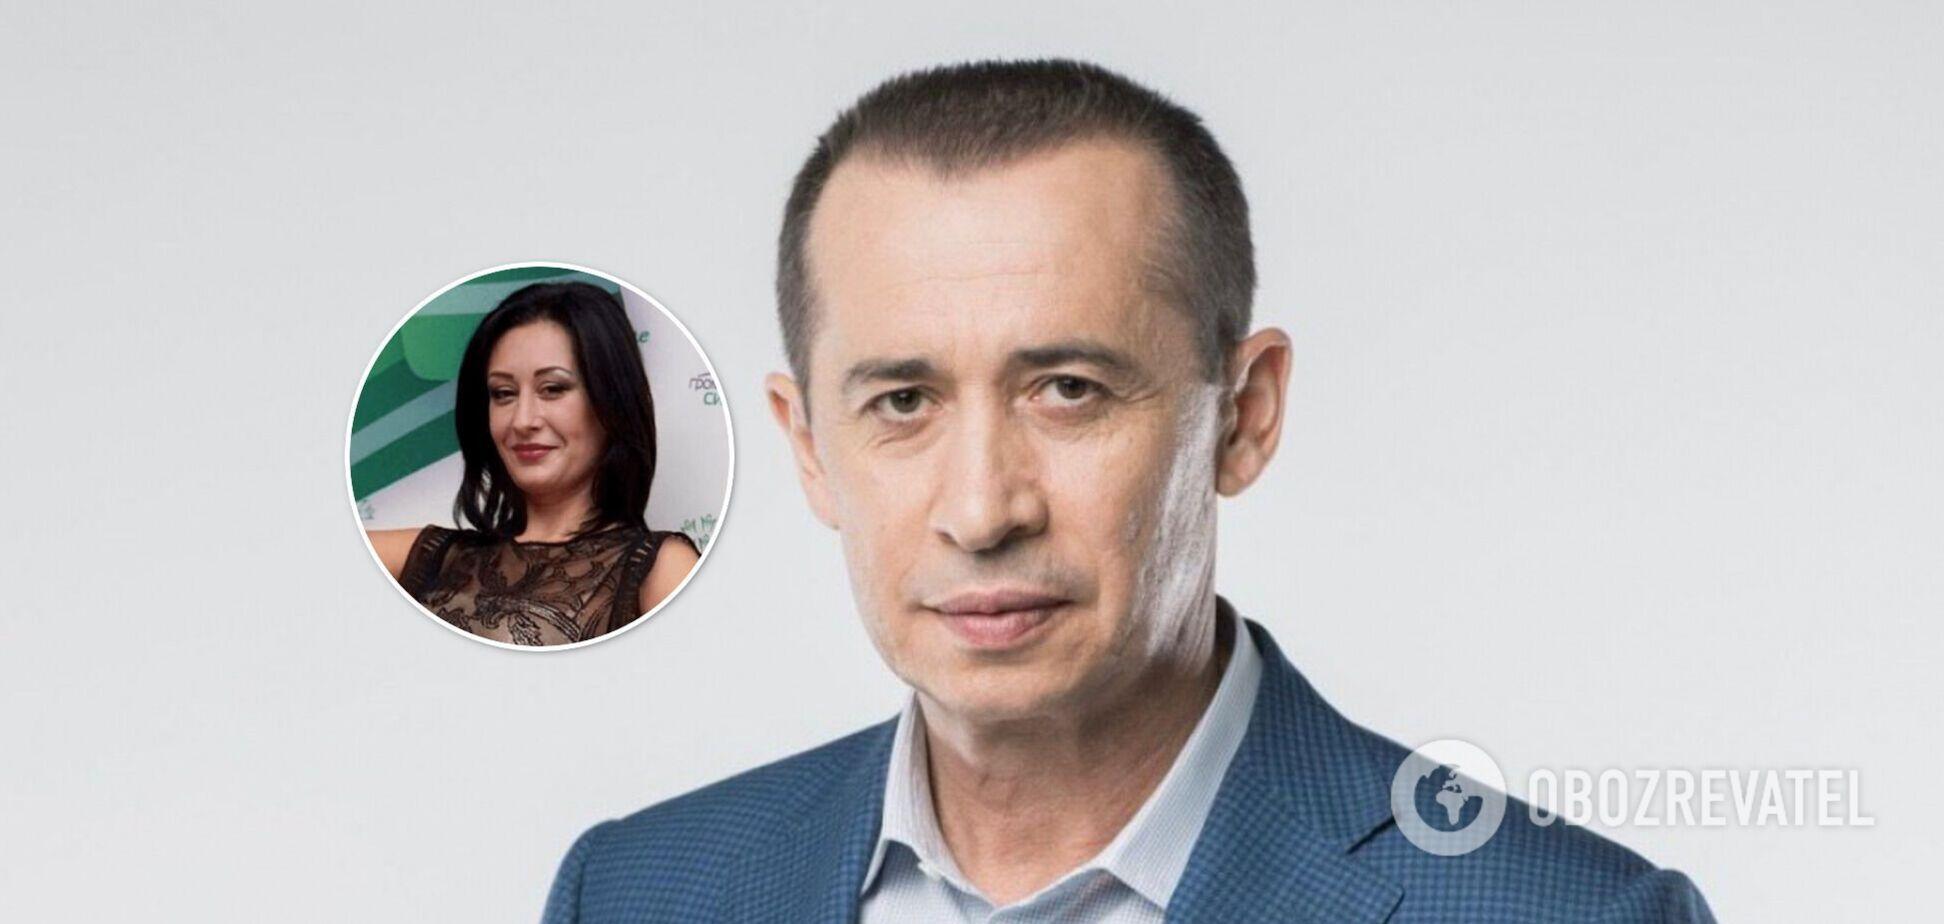 В Днепре соратница Краснова попала в секс-скандал: СМИ раскрыли детали